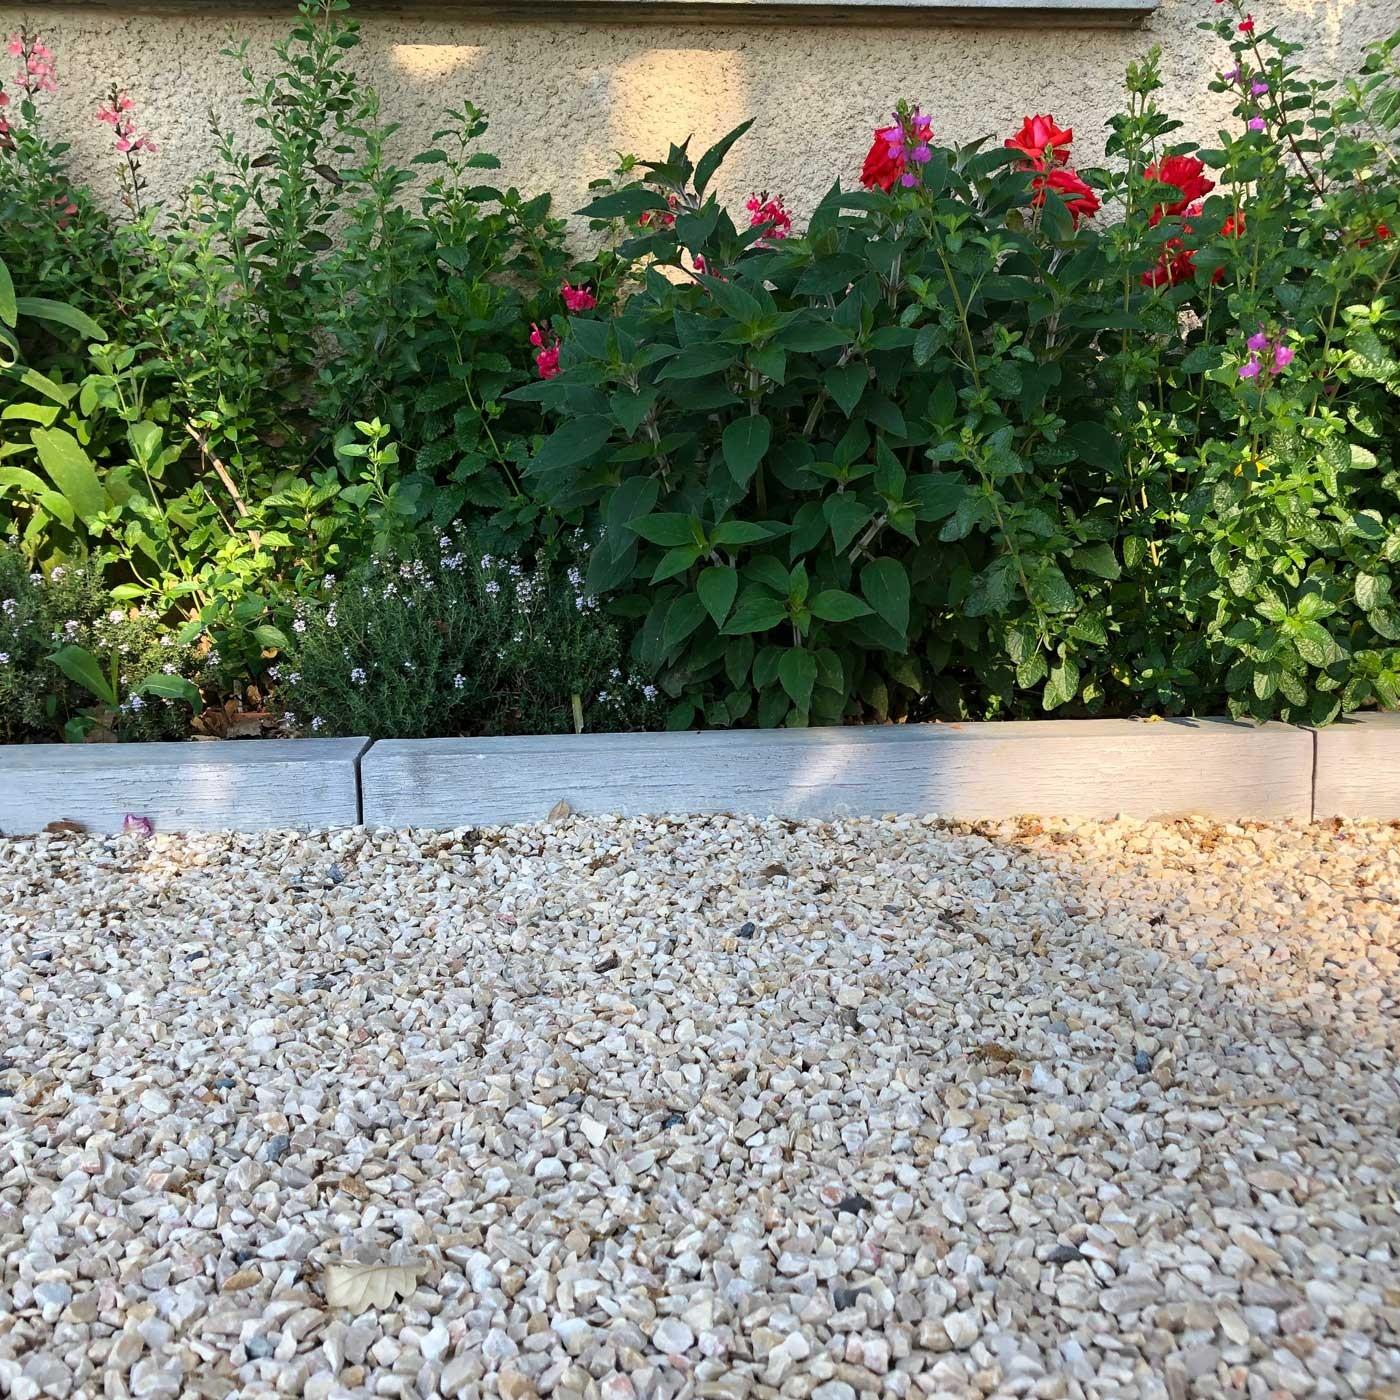 Bordure De Jardin En Pierre Reconstituée Poutre Bois Blanchi ... concernant Bordure De Jardin En Pierre